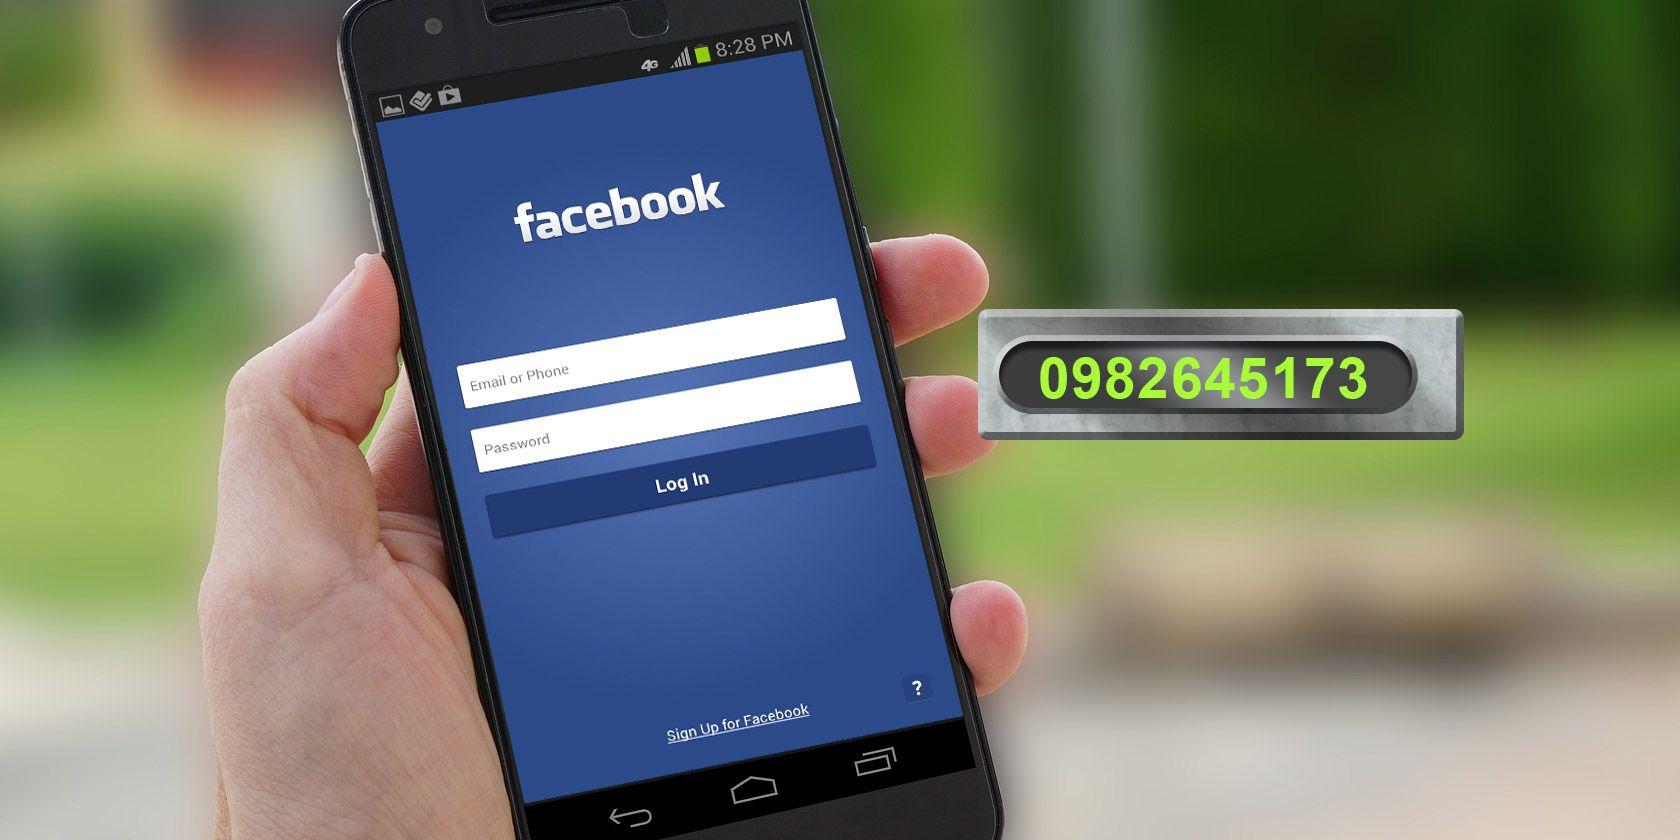 Handy facebook login mit Facebook on